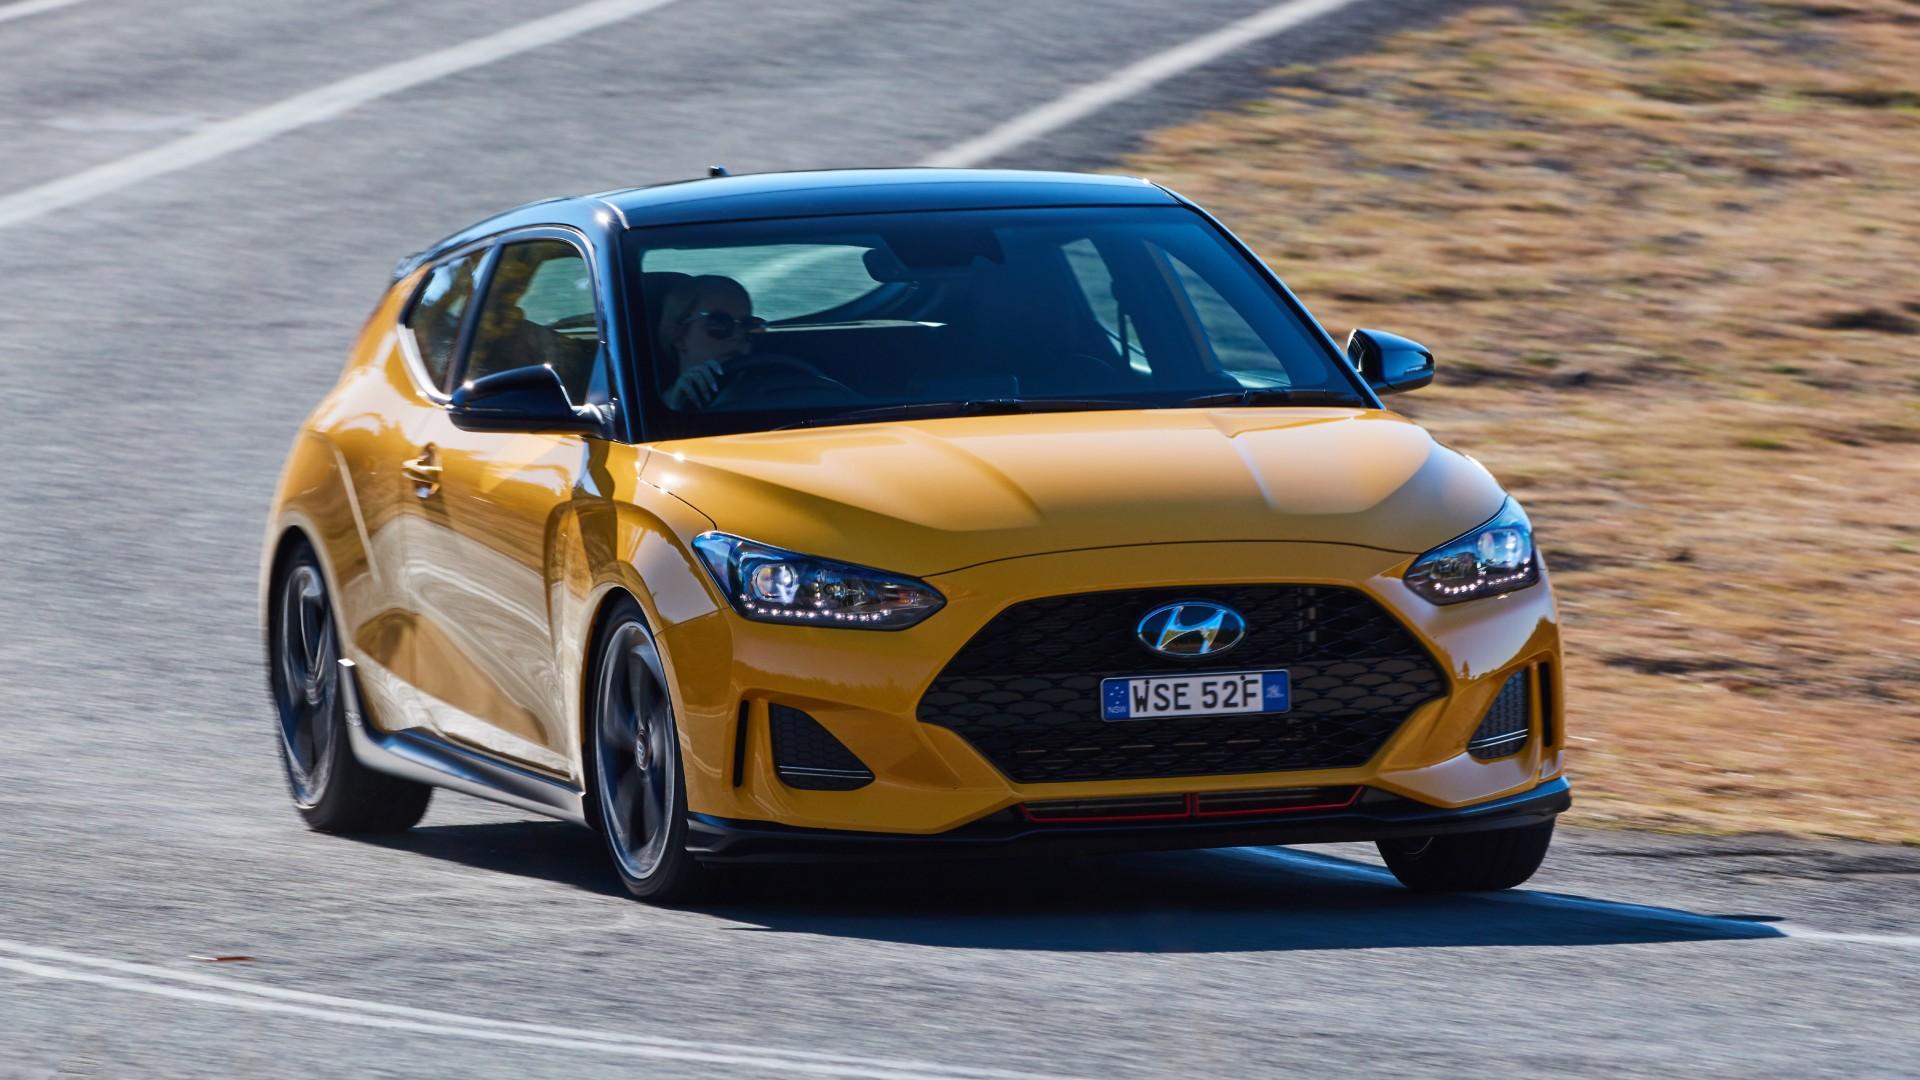 Το Hyundai που αποσύρεται και δεν προλάβαμε να δούμε στην Ελλάδα (pics)